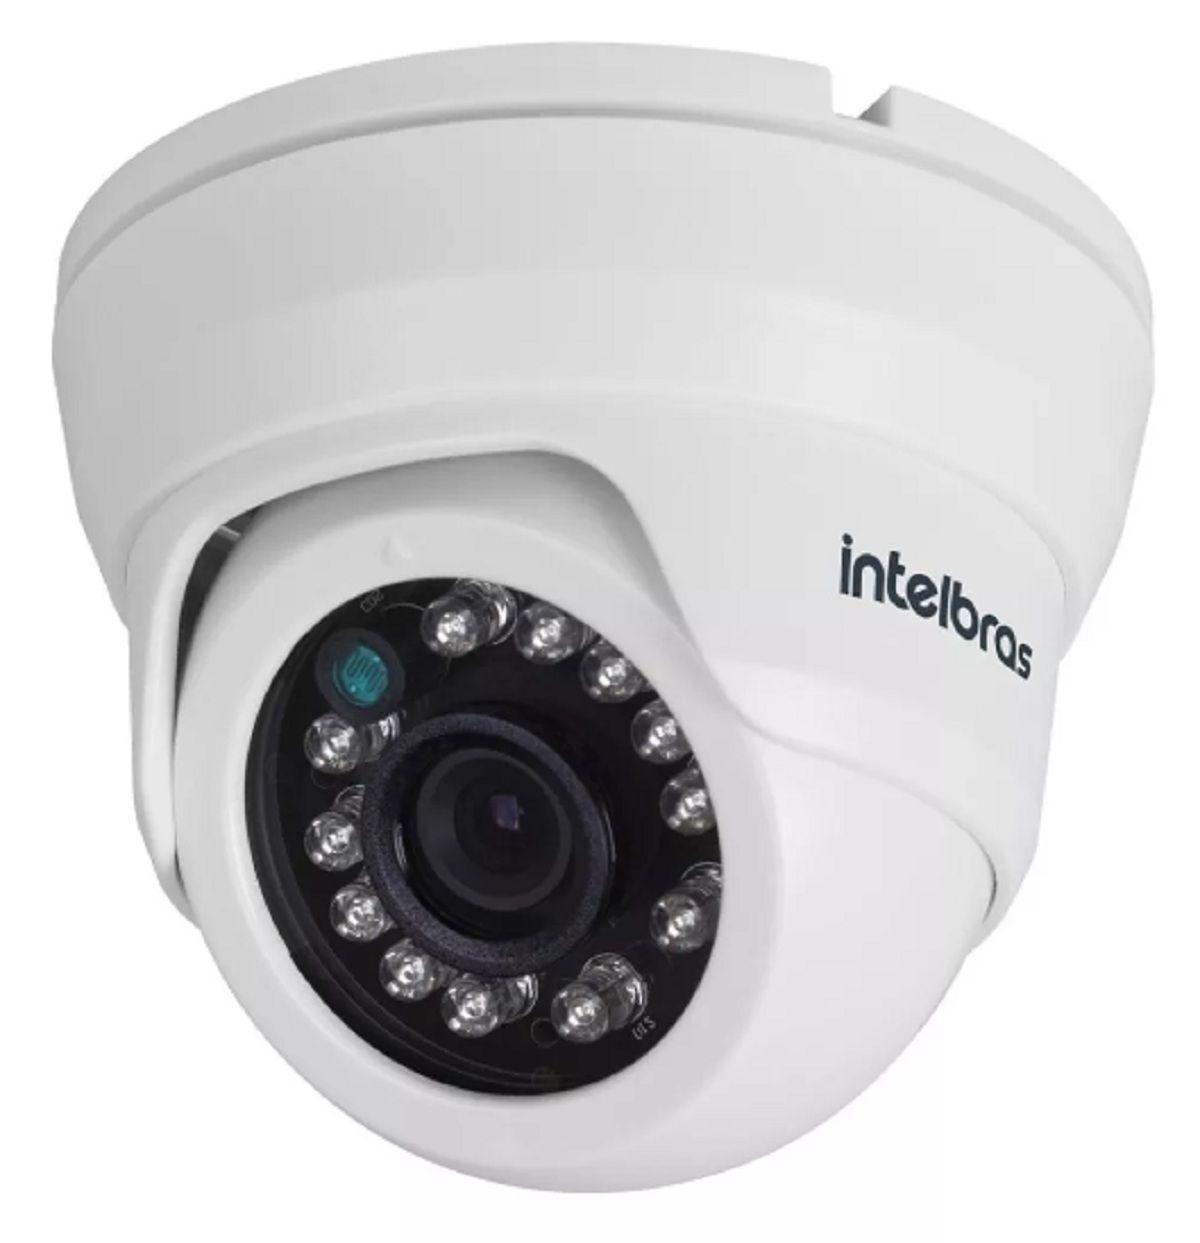 Kit Vídeo Porteiro Intelbras Iv7010 Com 4 Cameras Fechadura